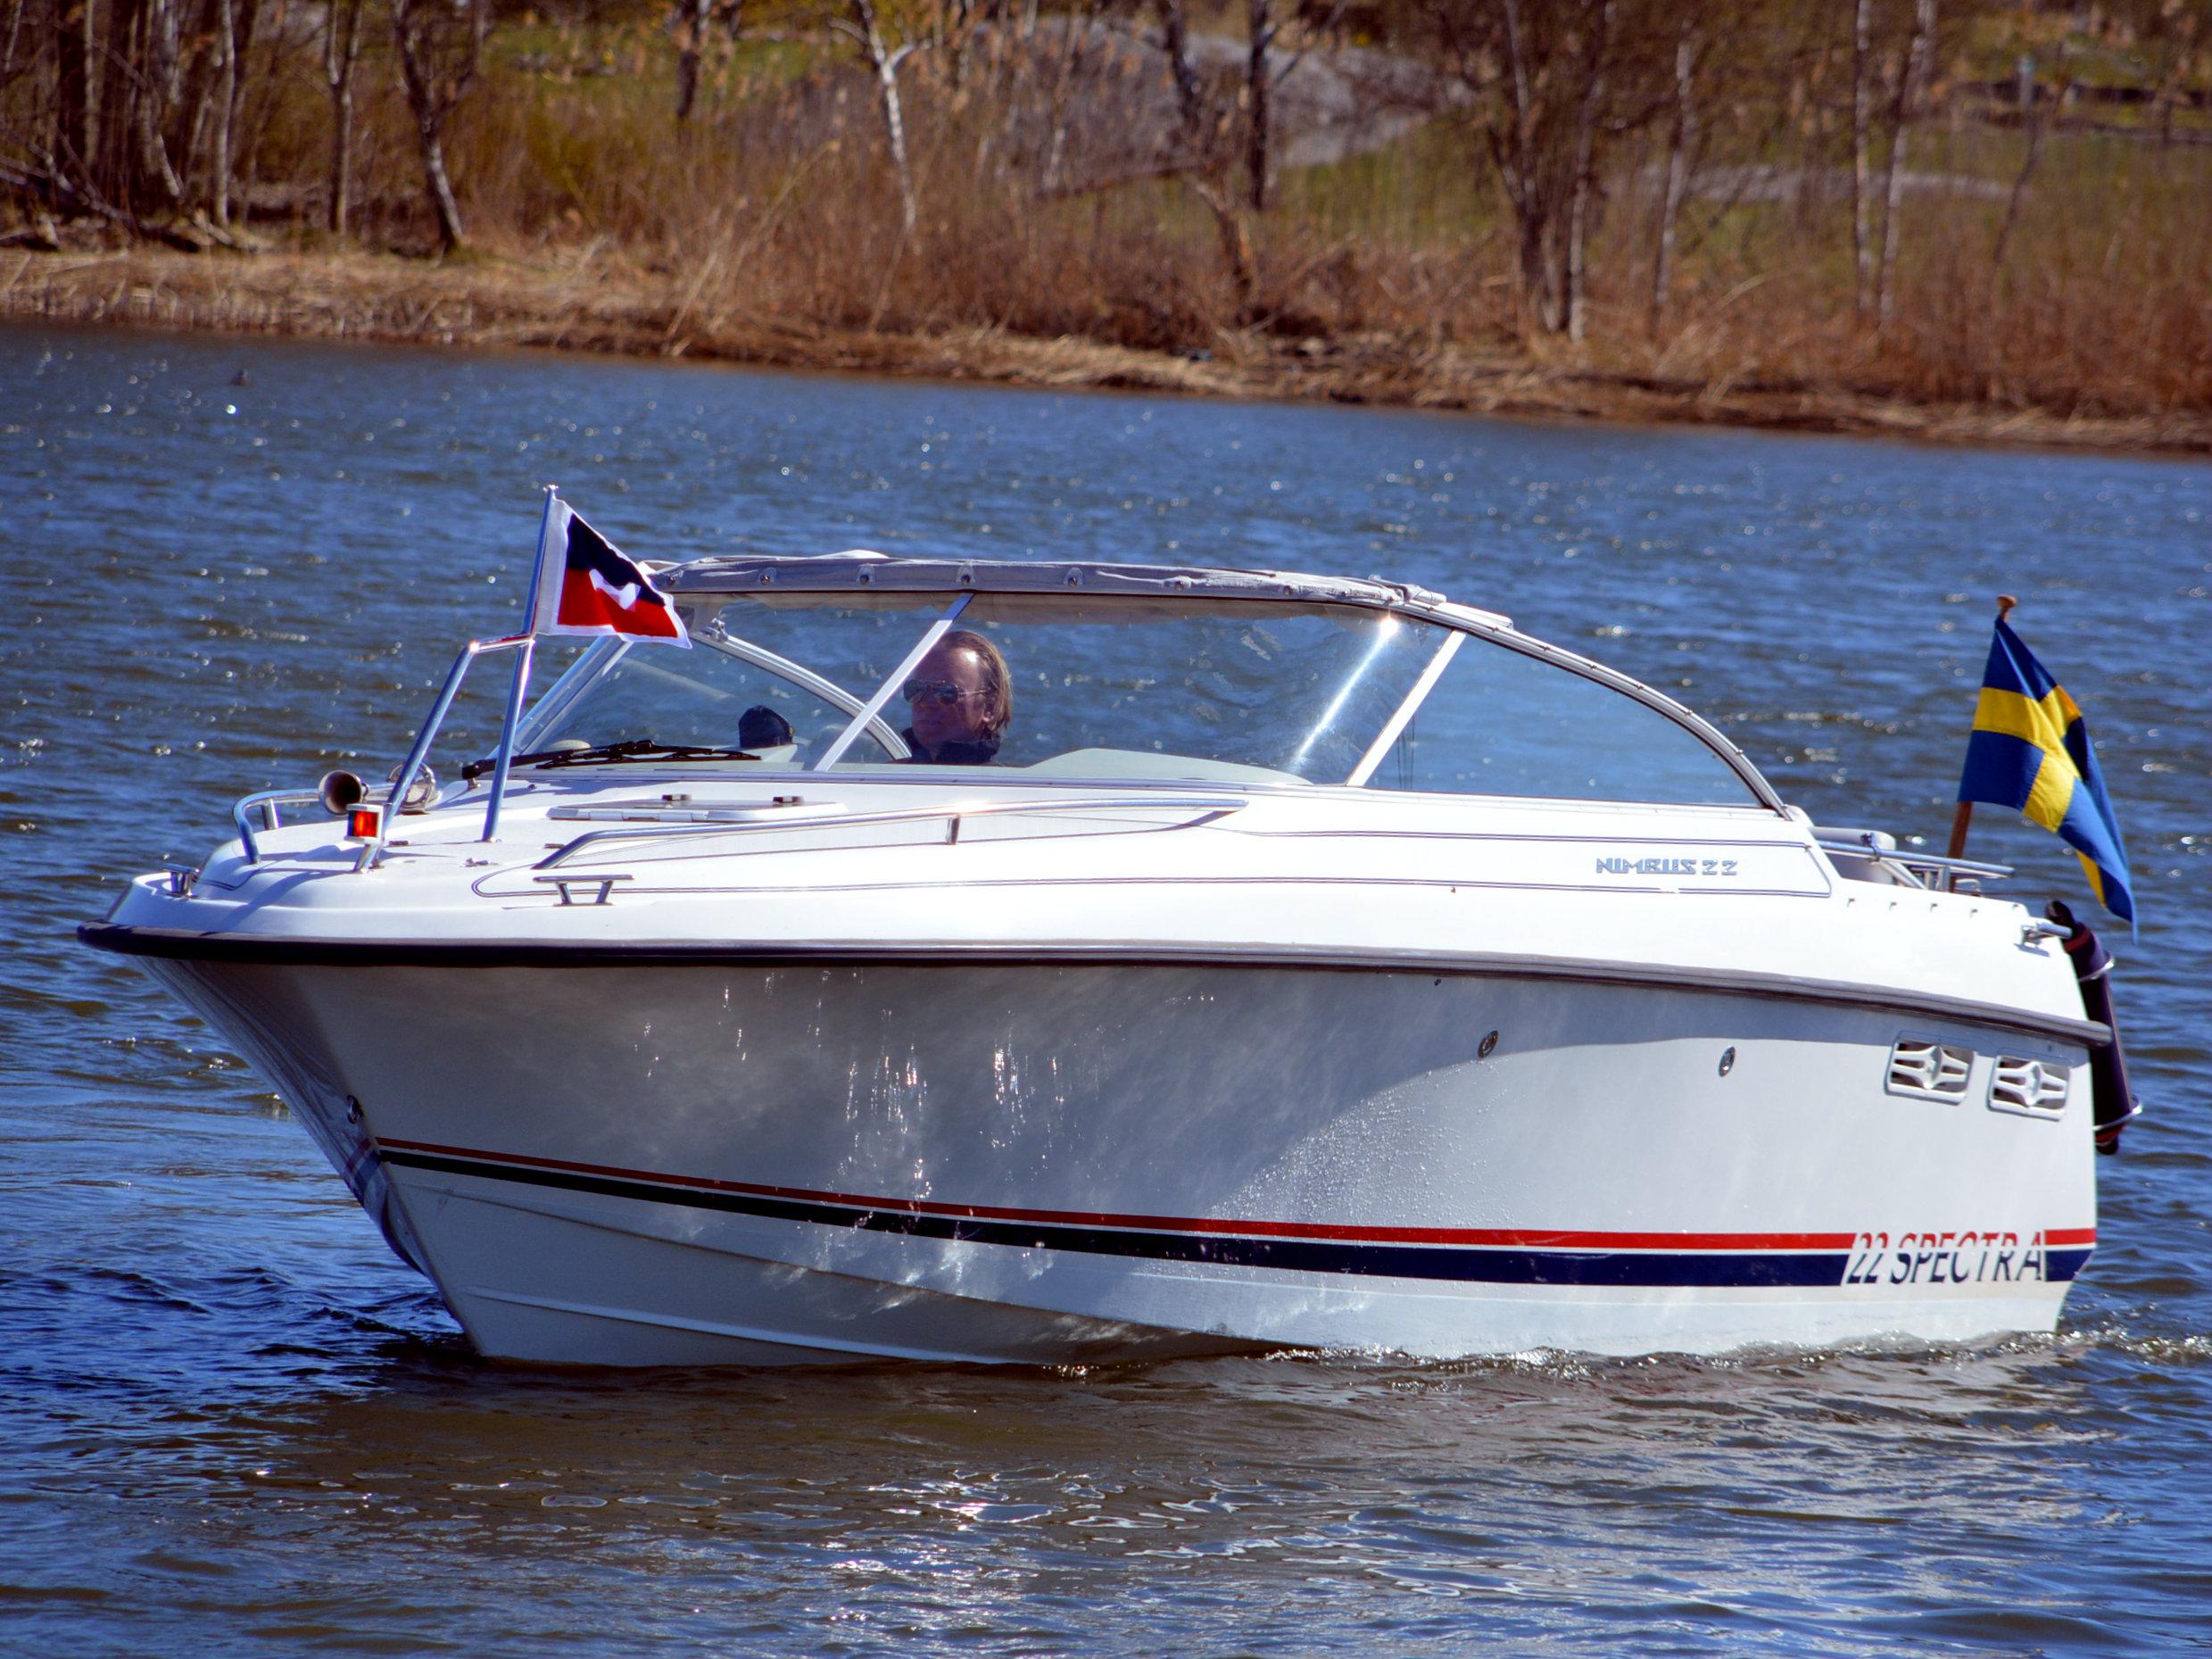 Carrier further Suzuki Burgman Lgw furthermore Suzuki Vz Marauder M Lgw also L as well Dsc. on 1999 suzuki atv